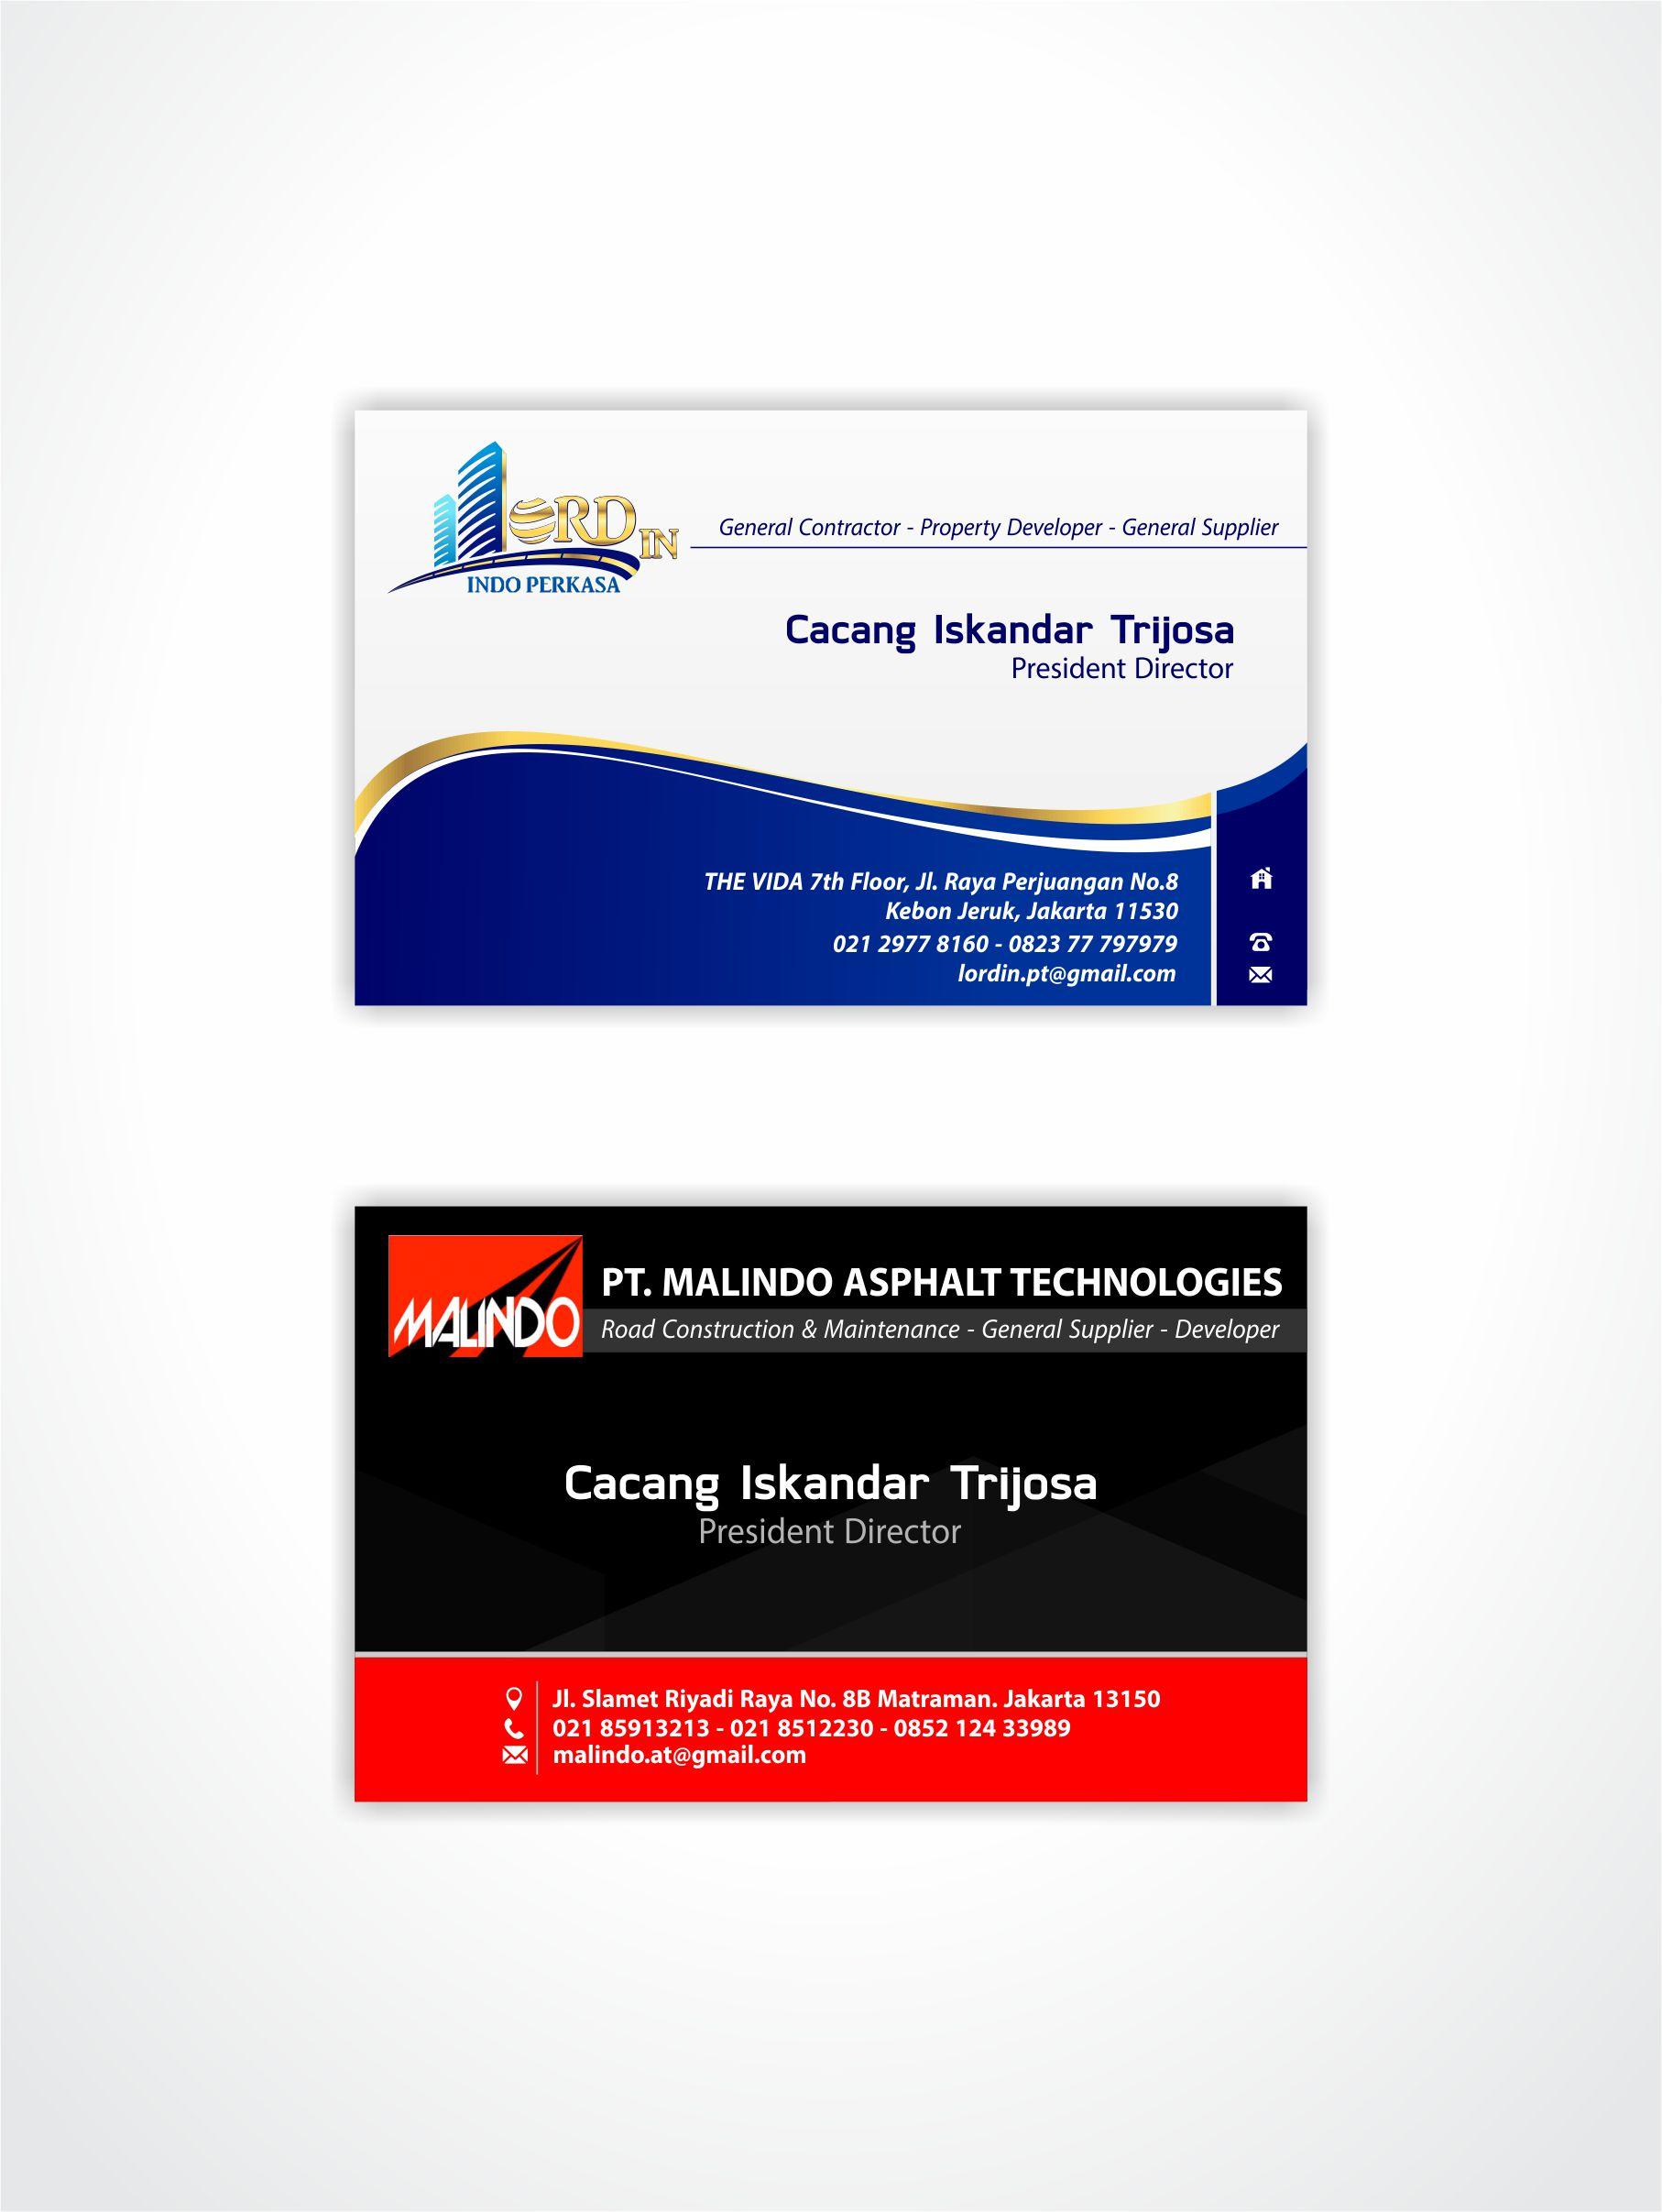 ATT_1460008490925_PT. LORDIN INDO PERKASA - Business Card